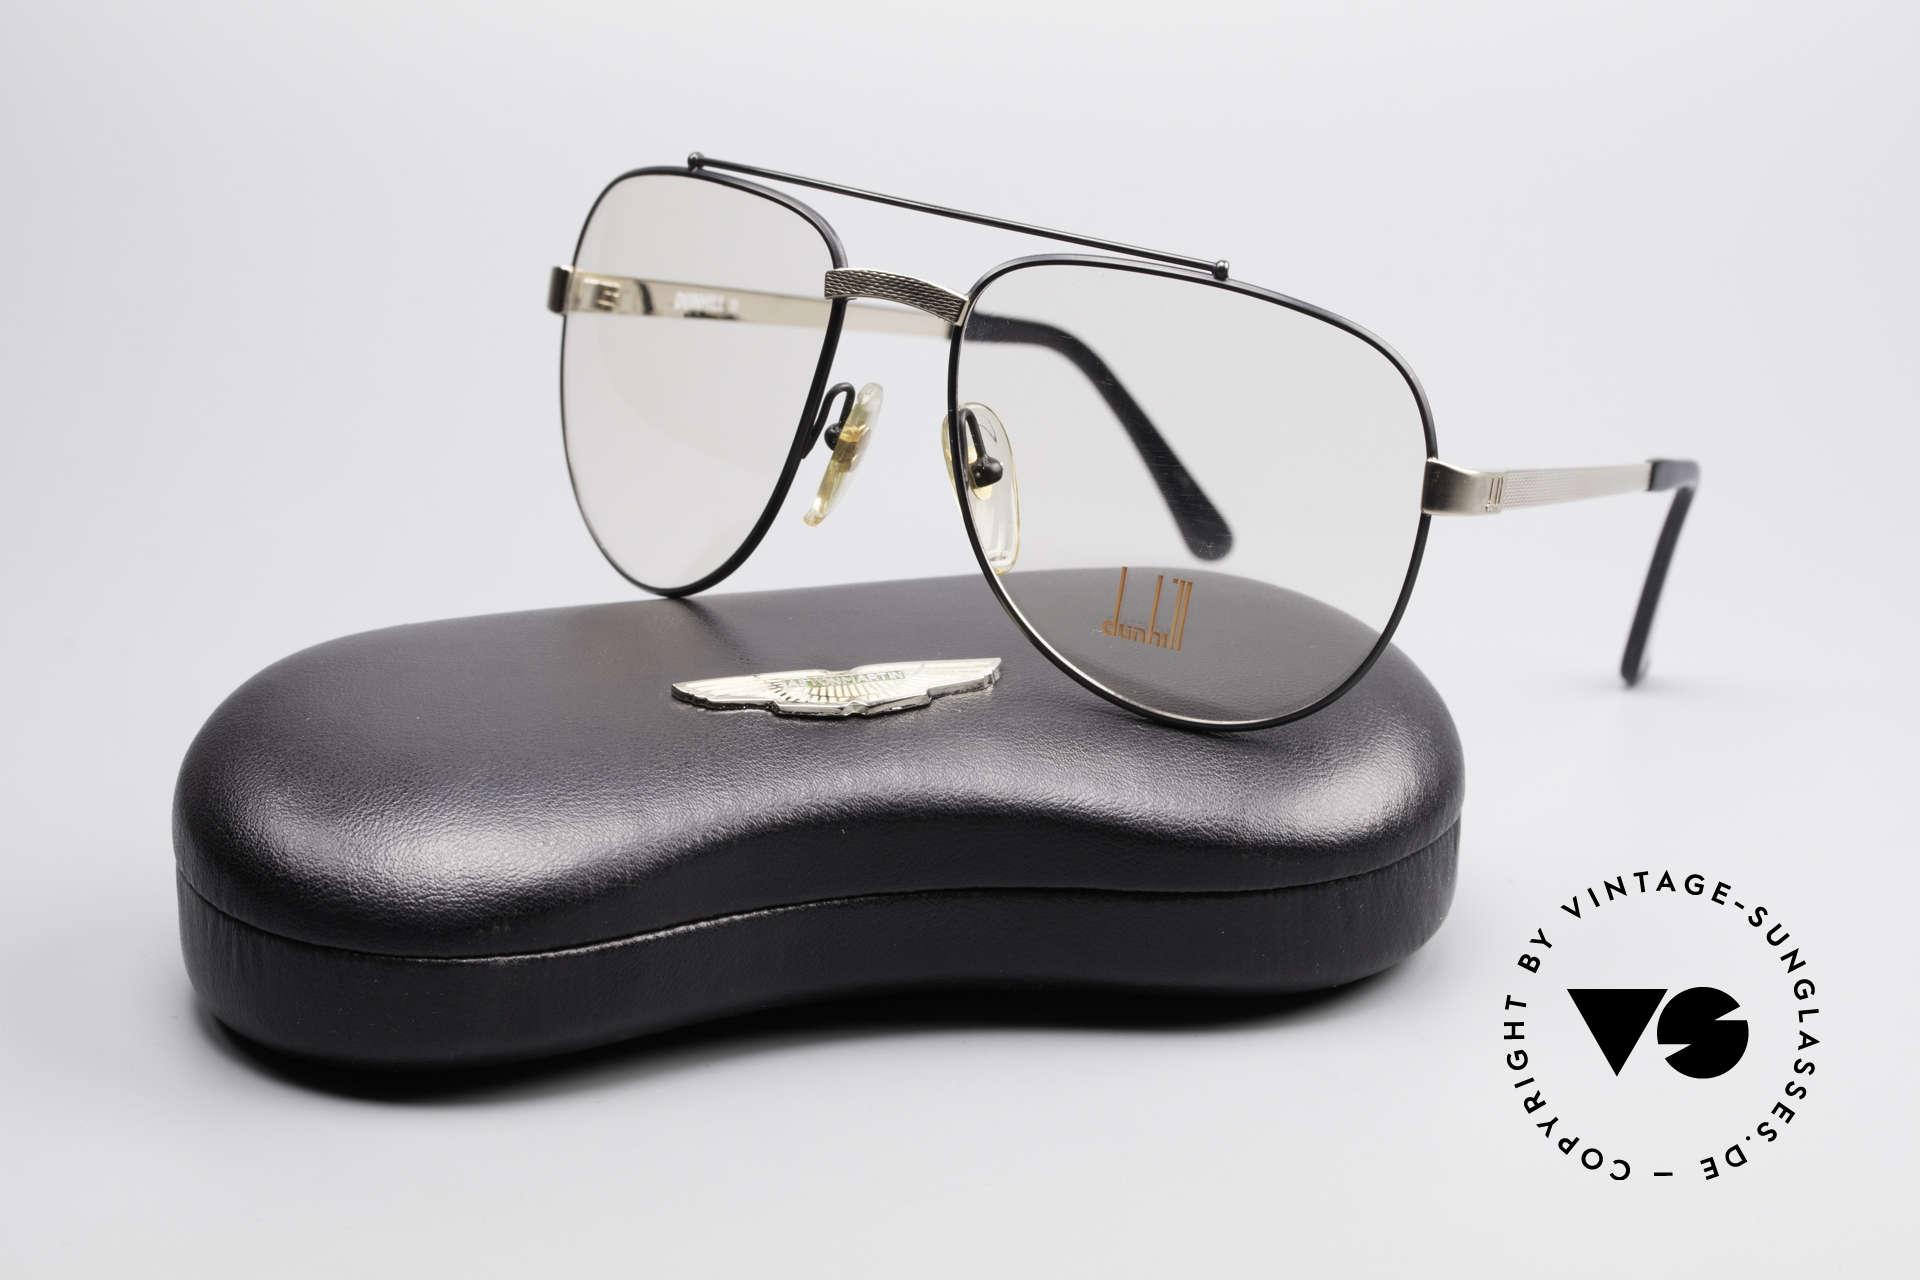 Dunhill 6029 Comfort Fit Luxus Brille 80er, KEIN retro, ein kostbares 35 Jahre altes Original, Passend für Herren